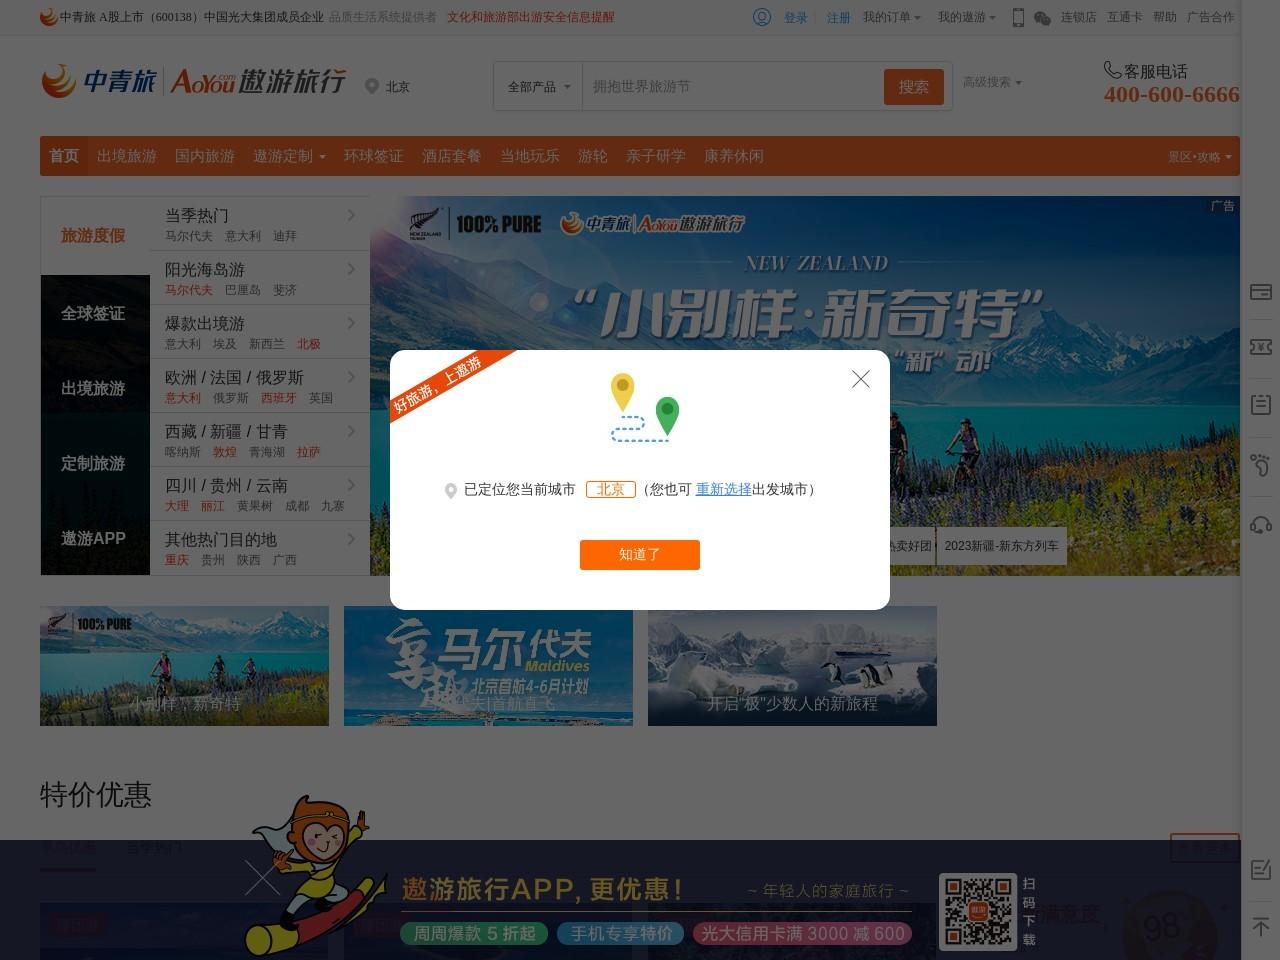 中青旅遨游网